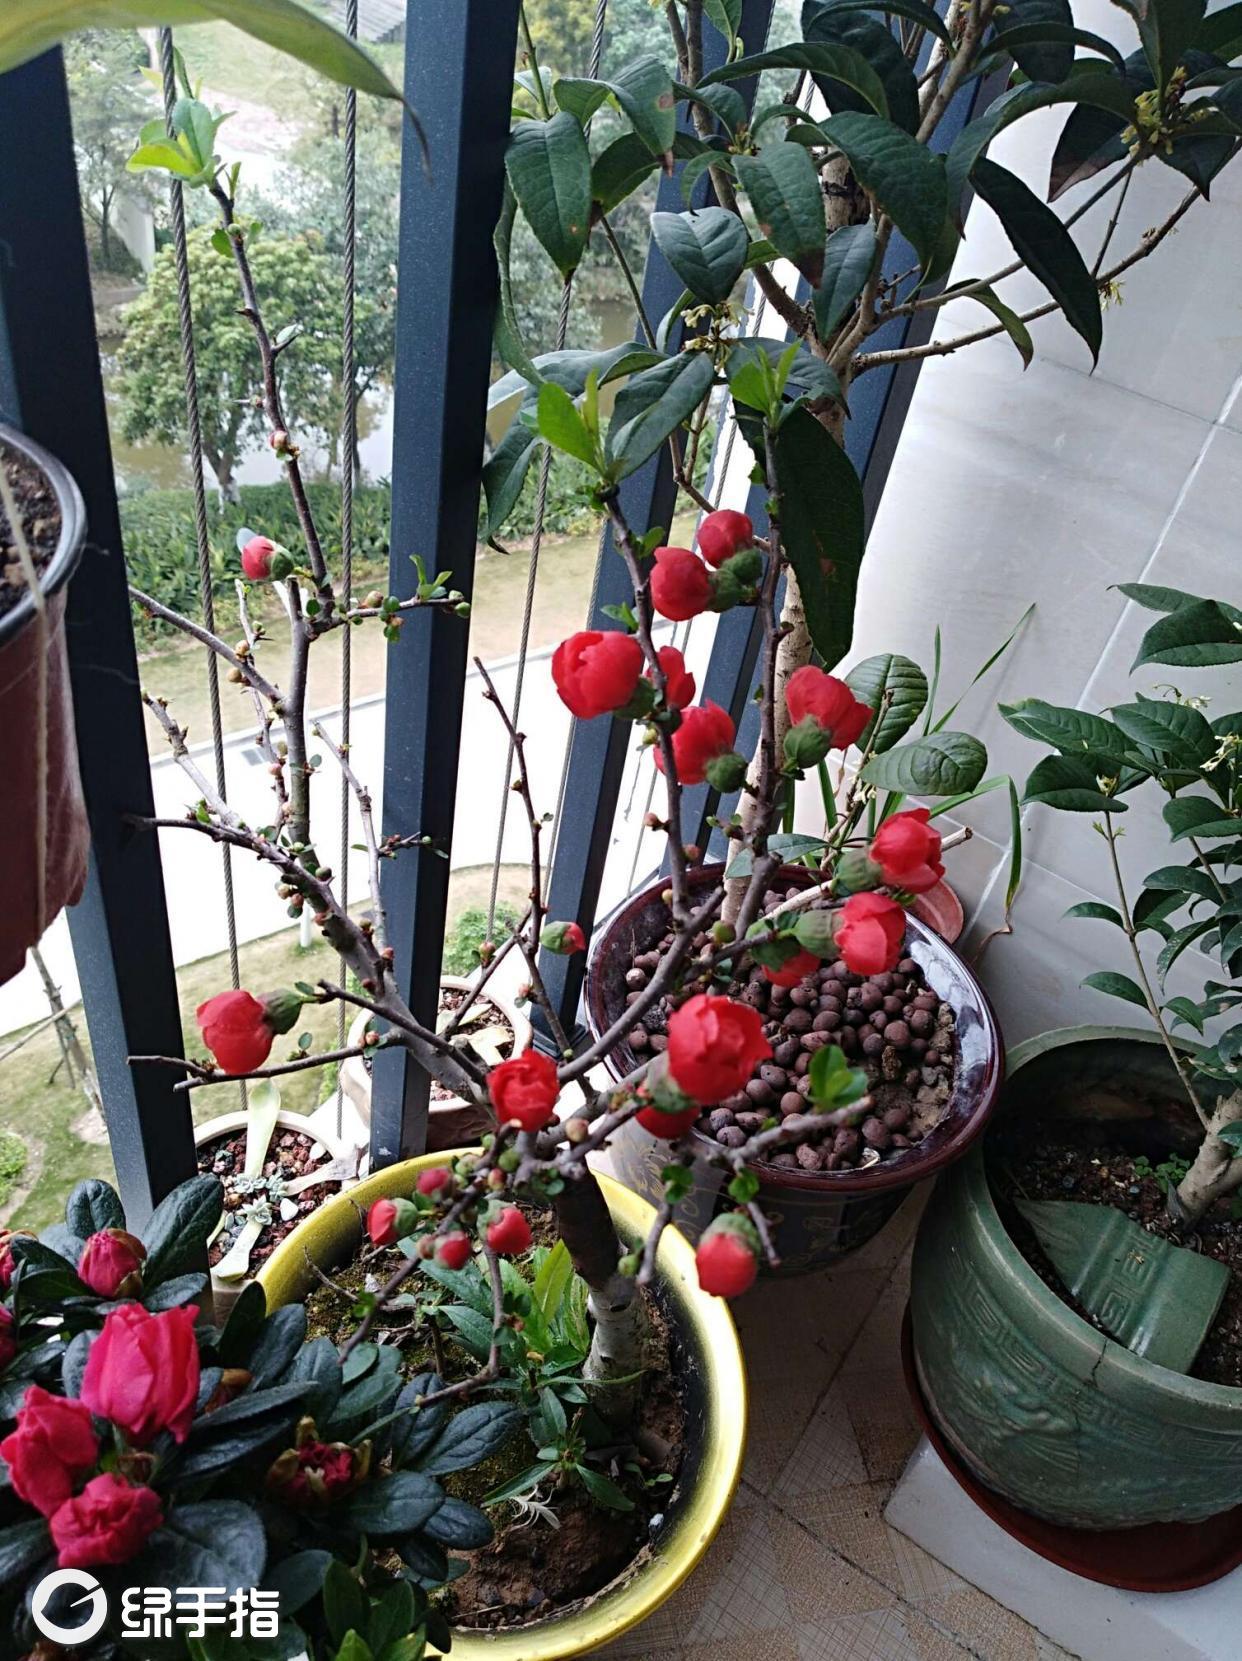 贴梗海棠常见病害 贴梗海棠掉叶子怎么办 贴梗海棠的养殖方法 贴梗